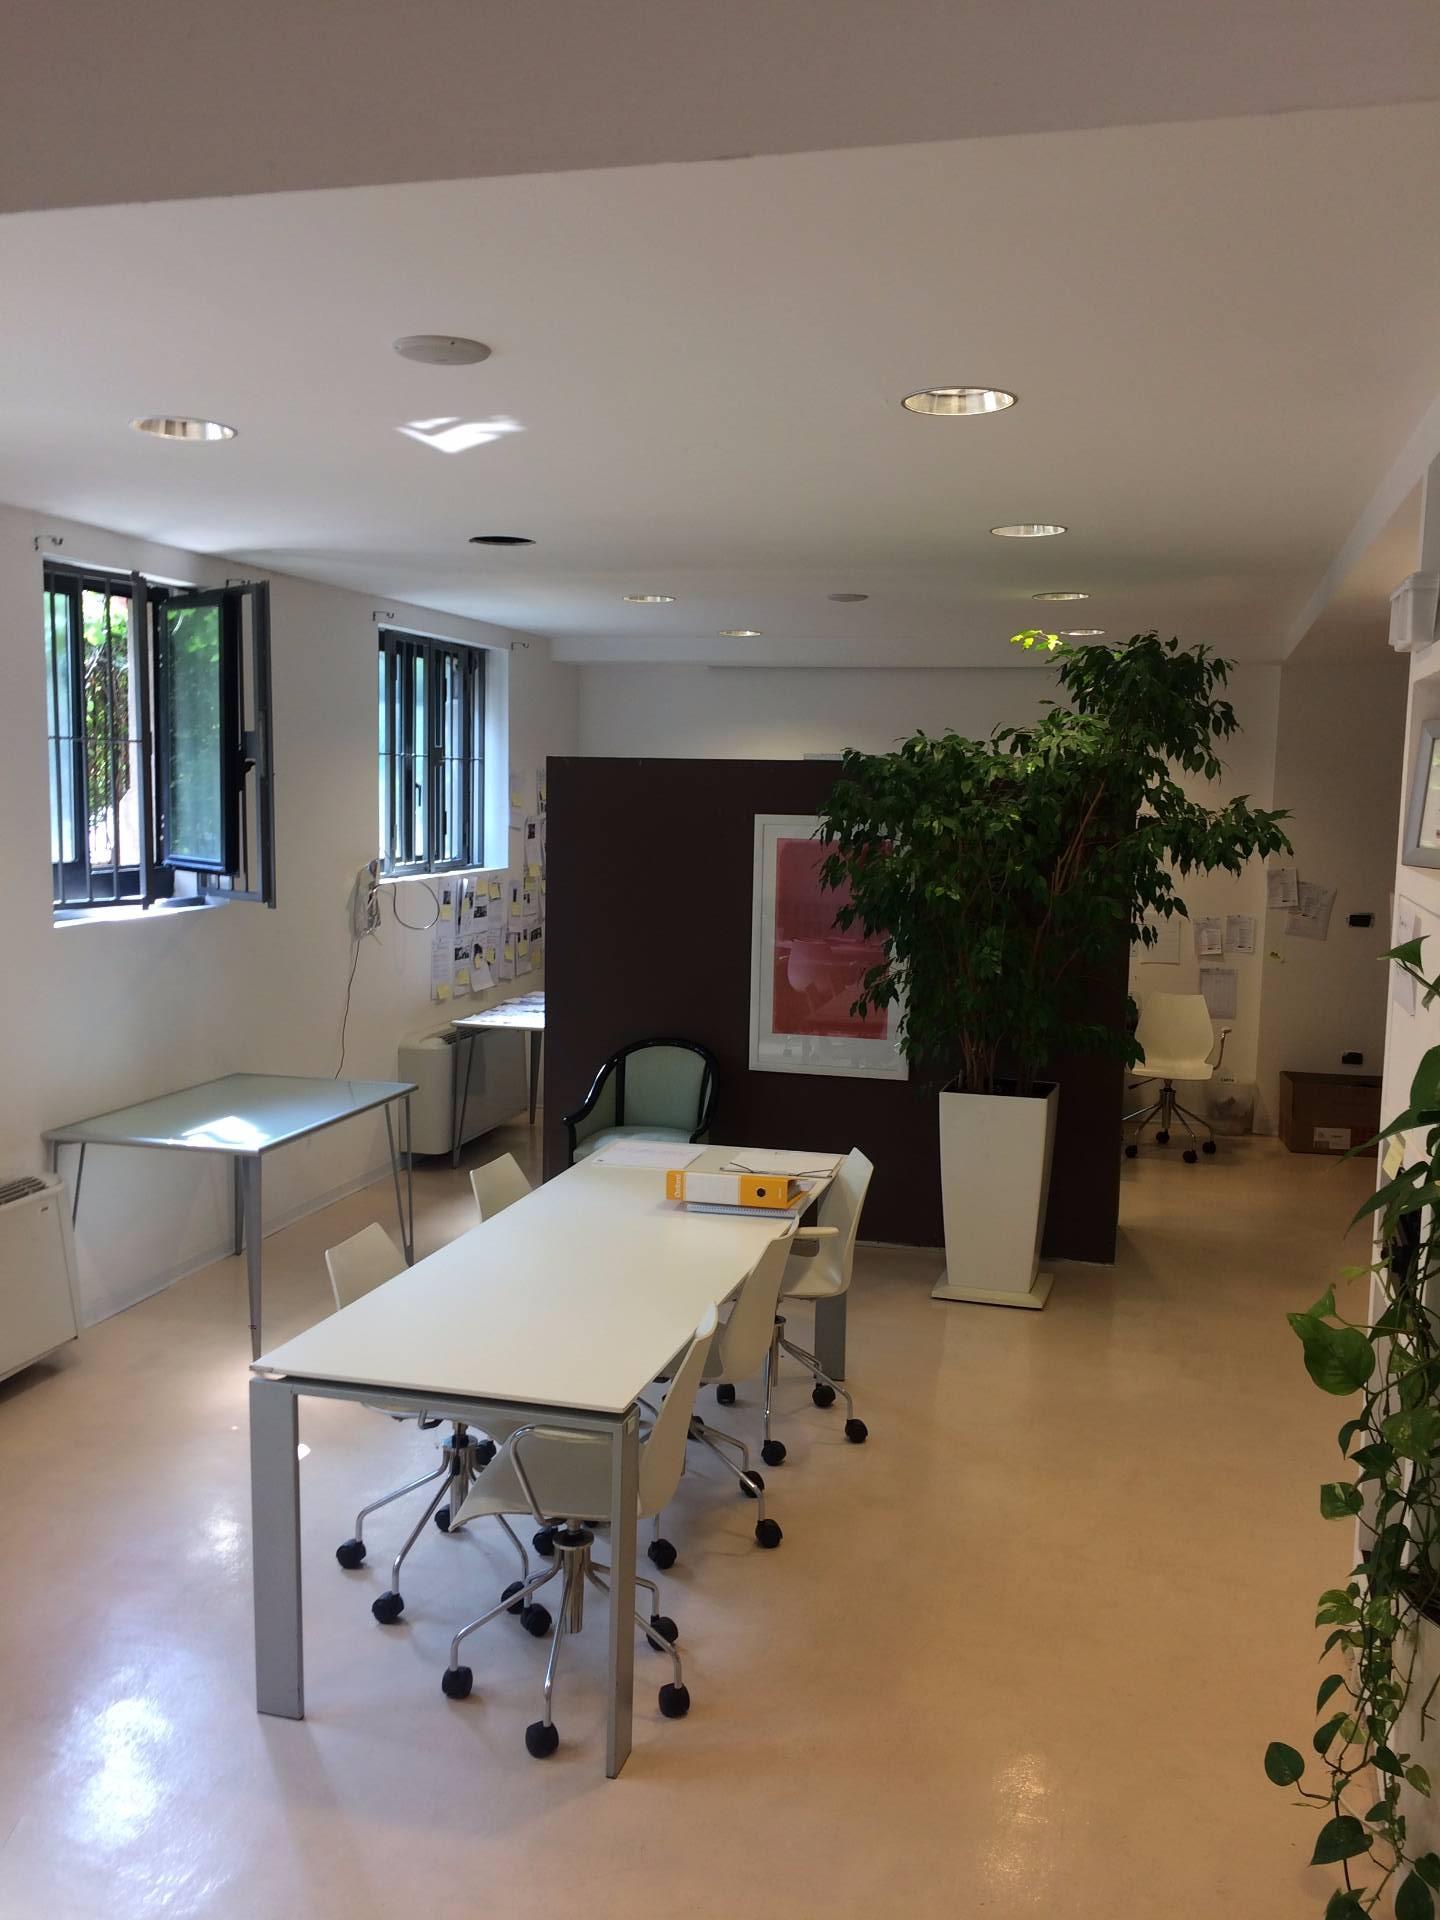 Rozzano | Laboratorio in Vendita in Via Tevere | lacasadimilano.it